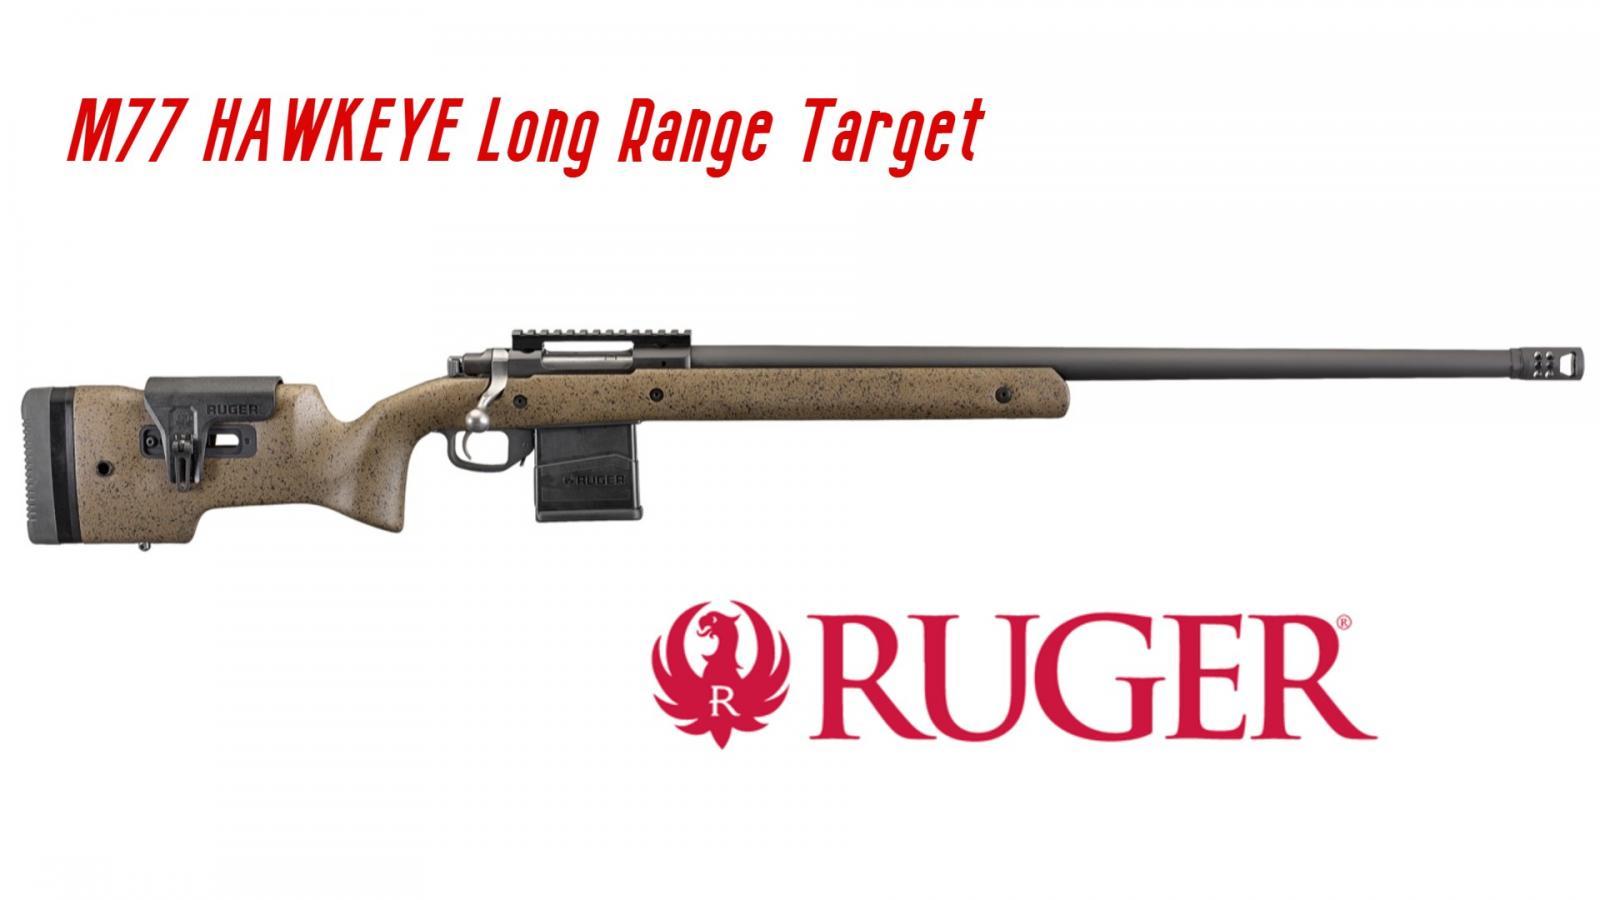 Carabine RUGER M77 HAWKEYE LONG RANGE TARGET